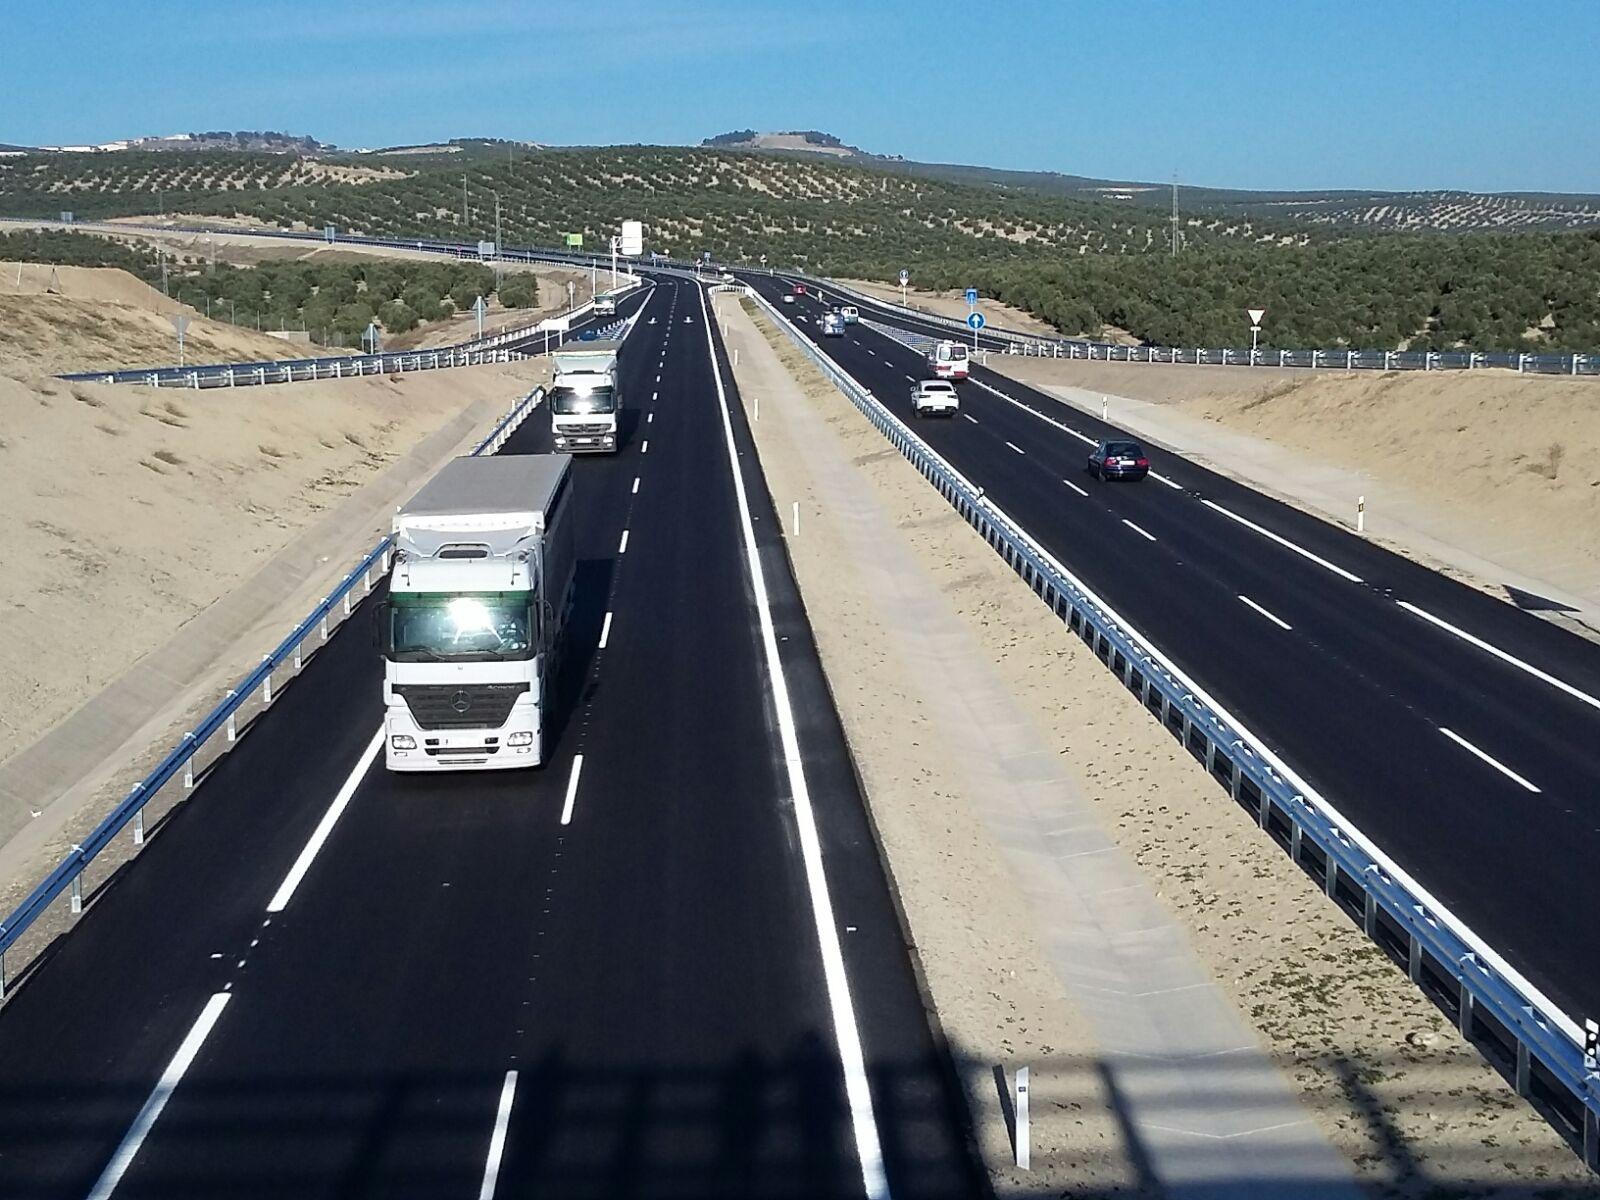 Tramo de la Autov�a del Olivar entre Baeza y Puente del Obispo abierto al tr�fico en 2015.